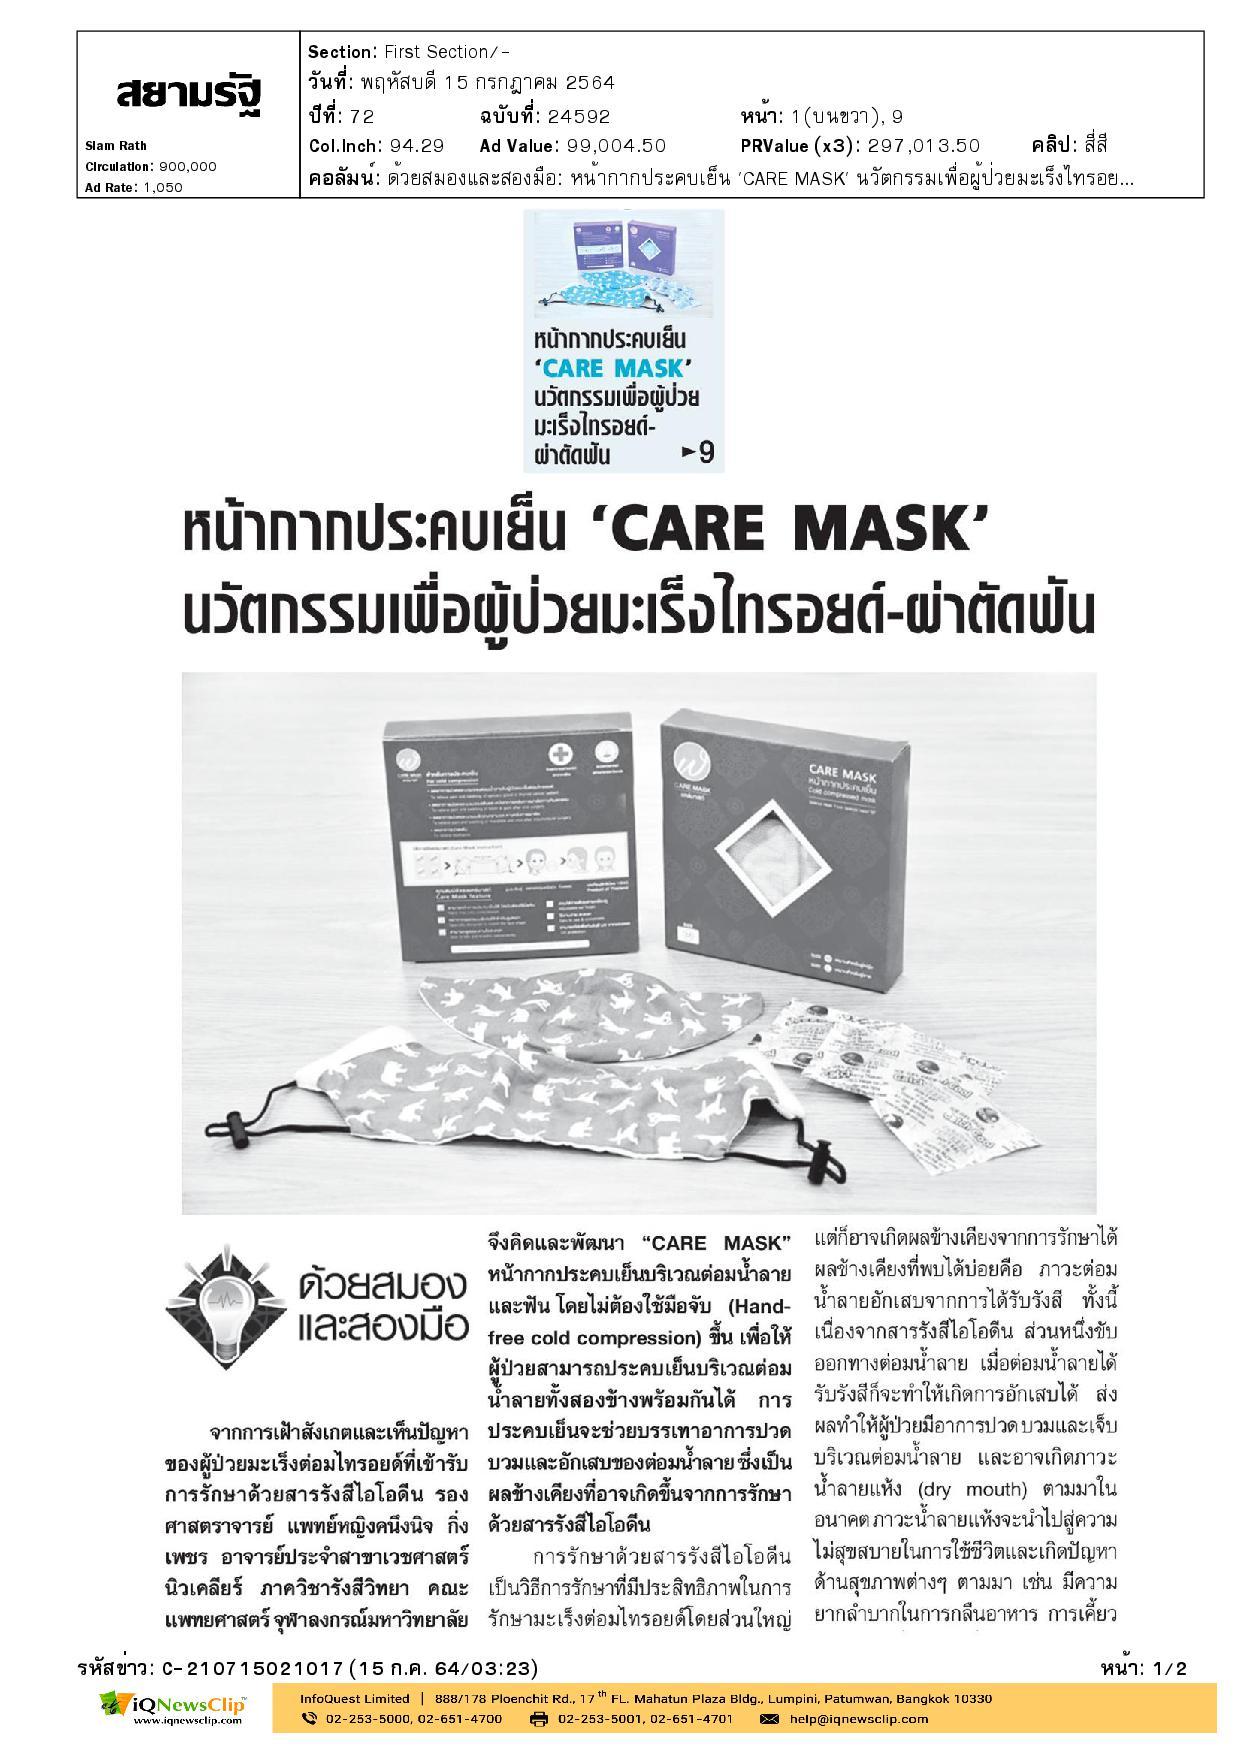 """หน้ากากประคบเย็น """"CARE MASK"""" นวัตกรรมเพื่อผู้ป่วยมะเร็งไทรอยด์-ผ่าตัดฟัน"""